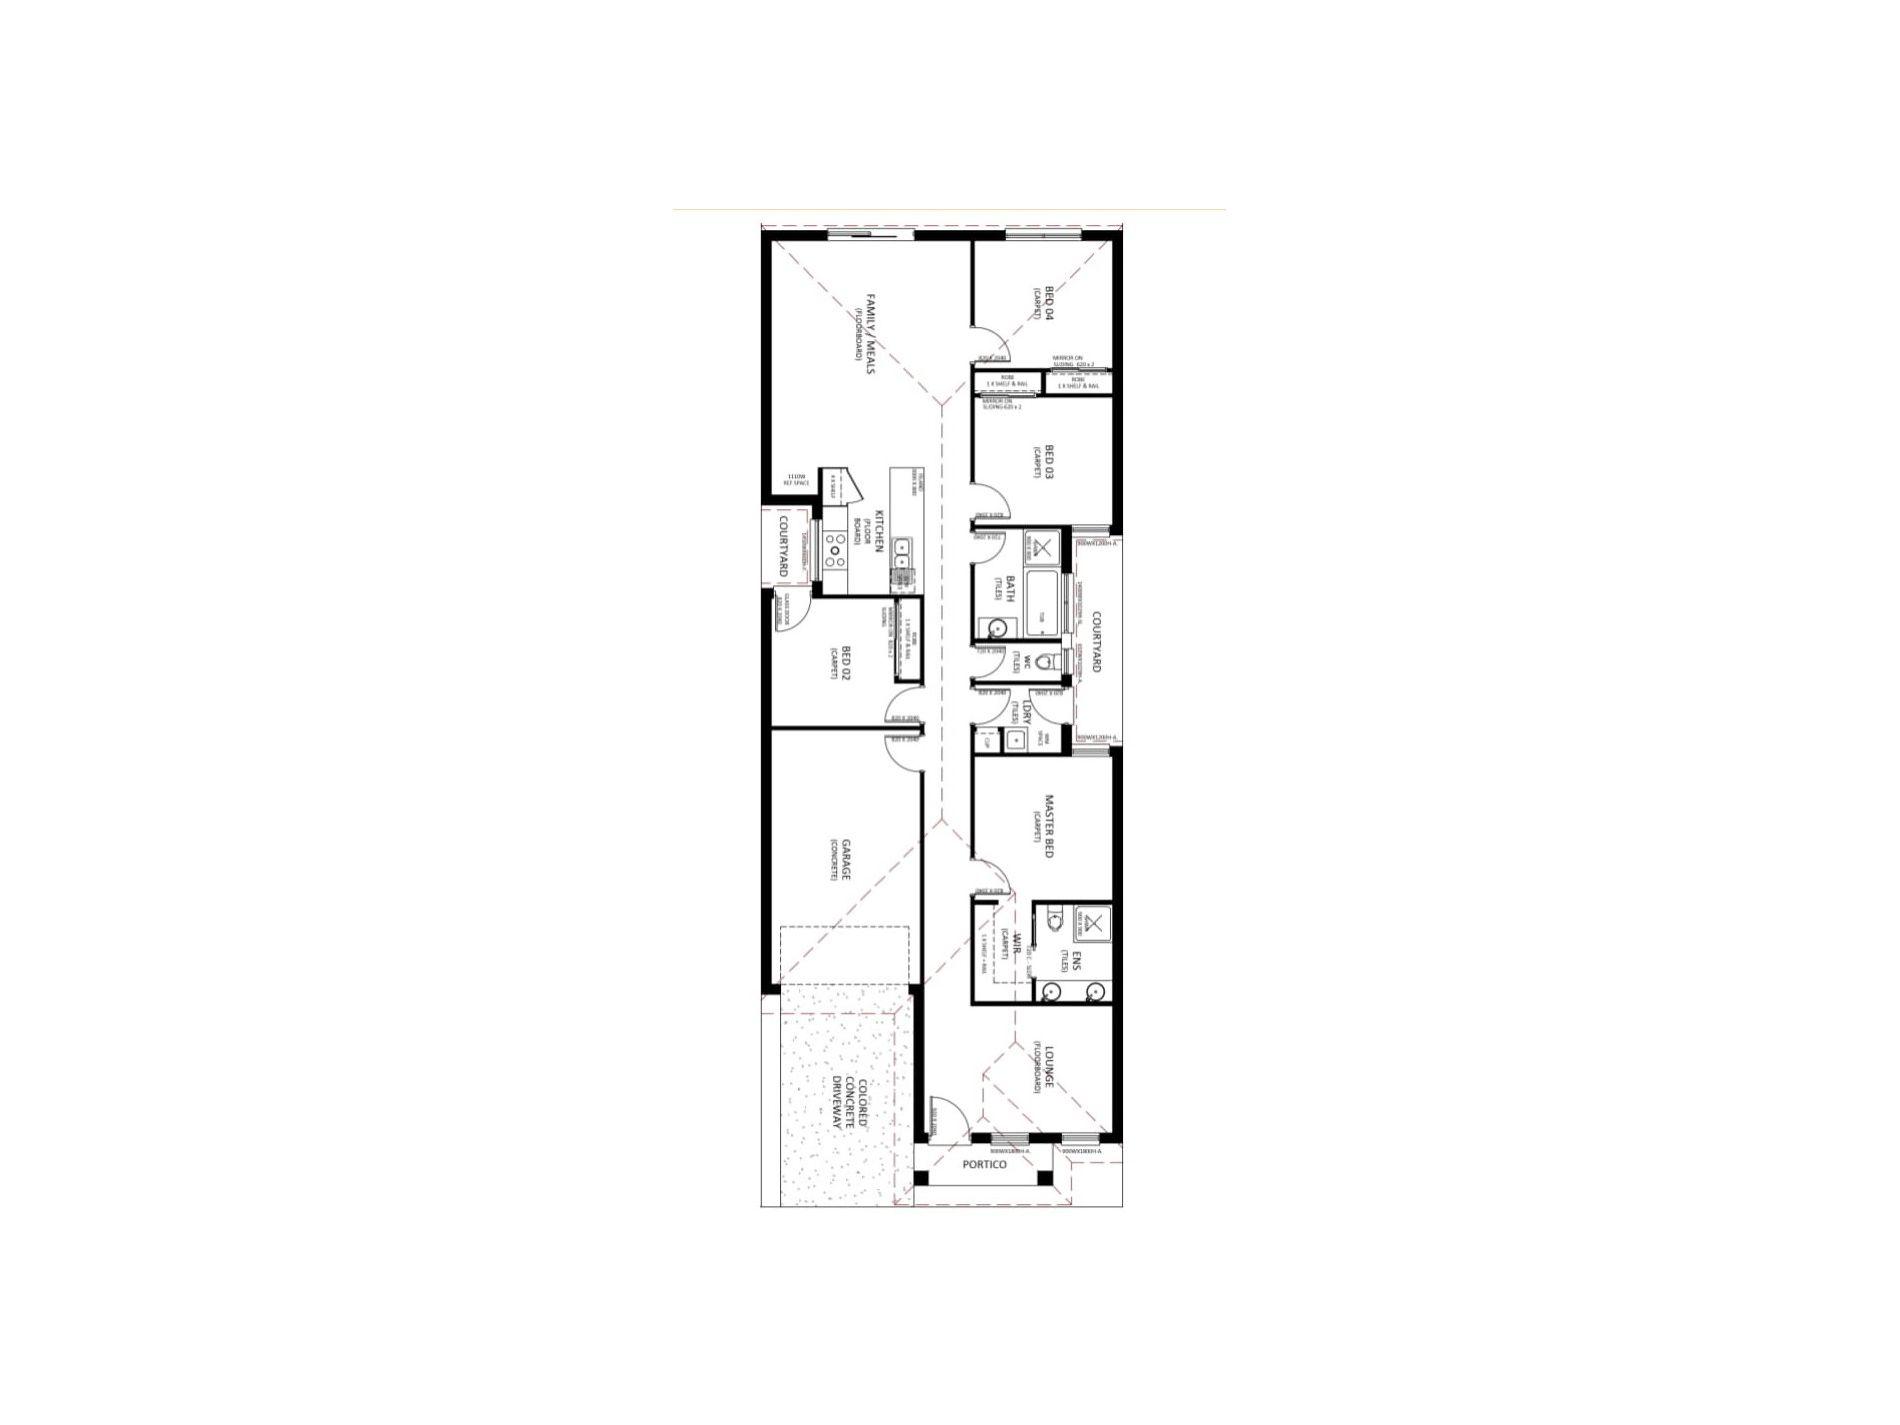 Lot 422 Alstonville Avenue, Truganina